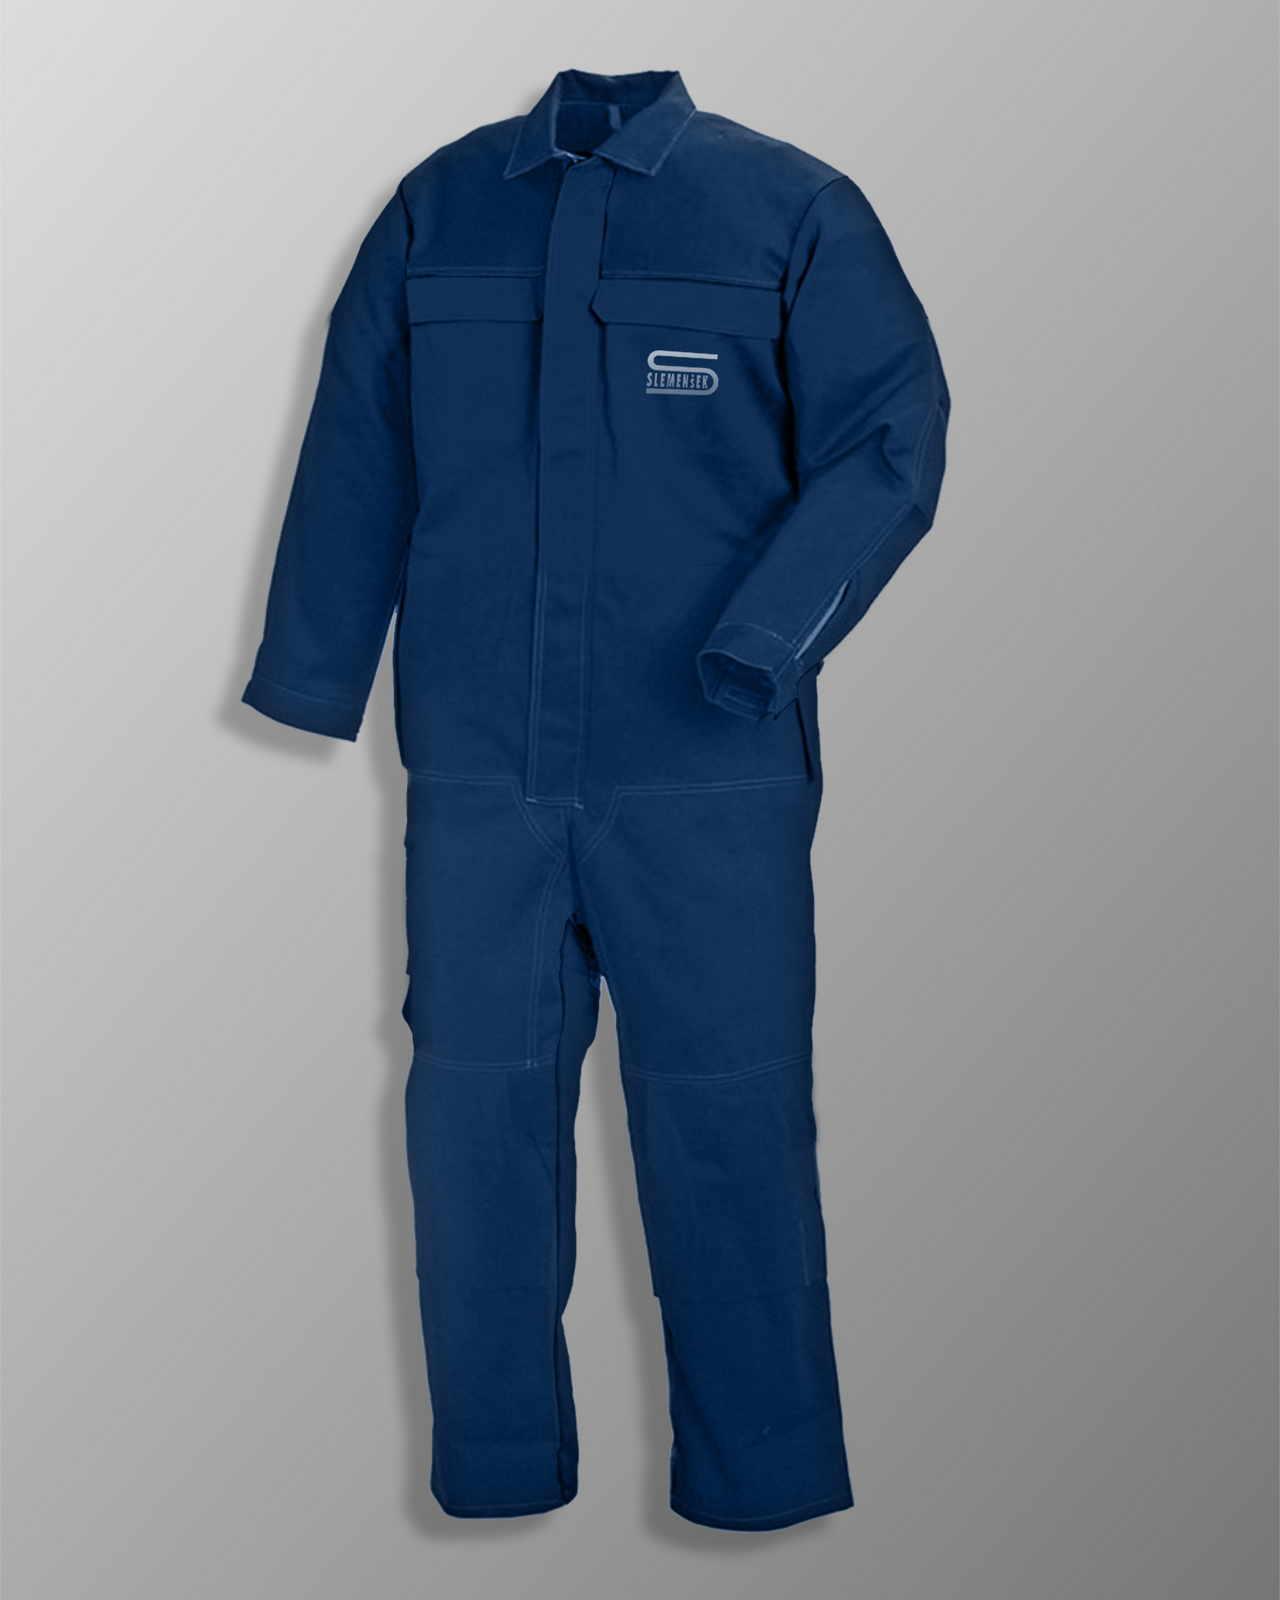 Delovna obleka modra